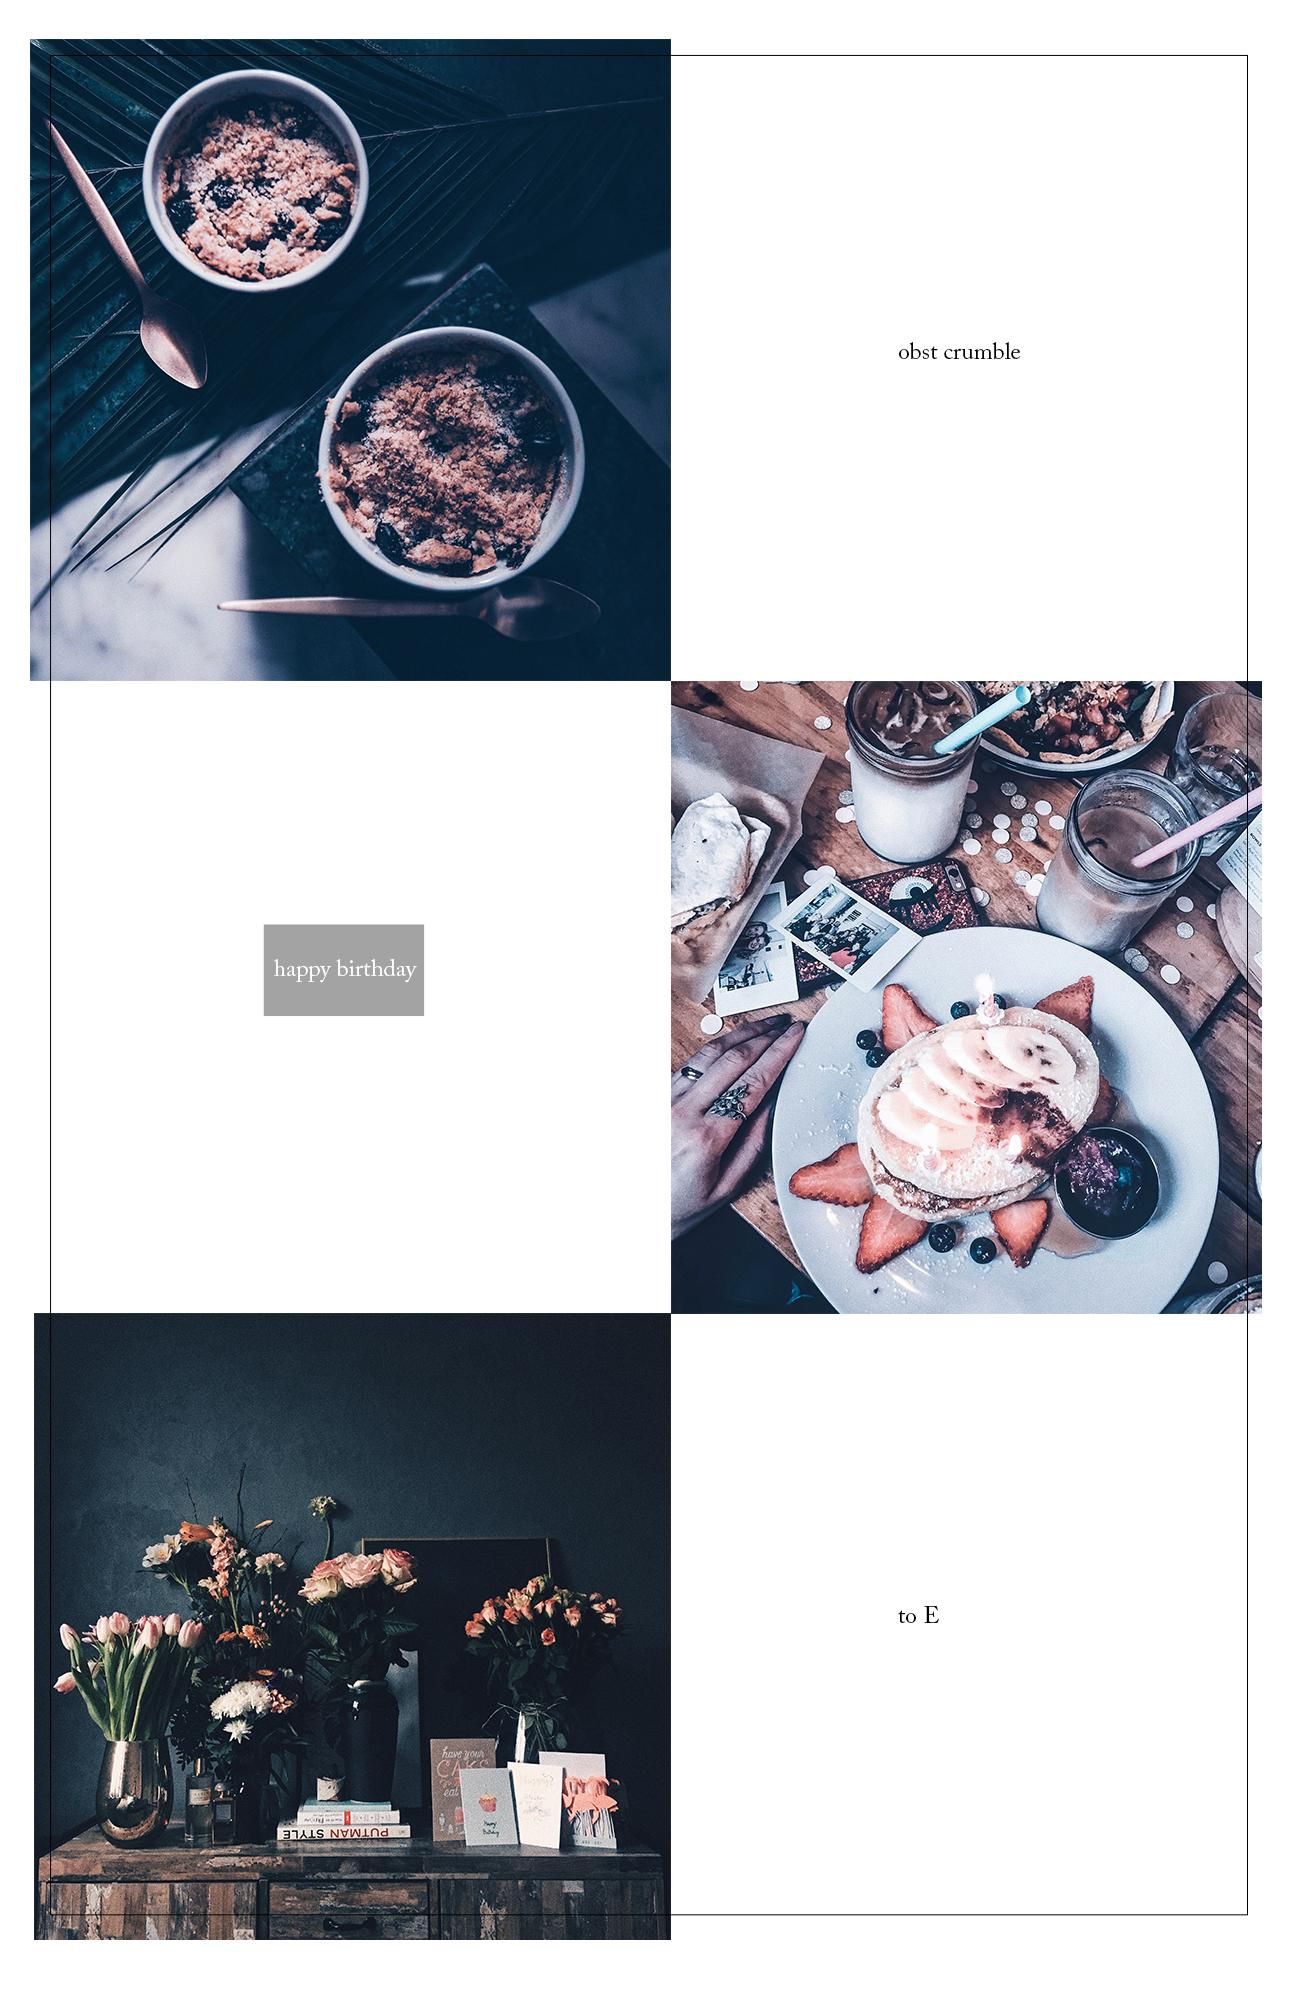 Obst crumble rezept lax eatery münchen erfahrungen geburtstag eileen lifestyle blog münchen